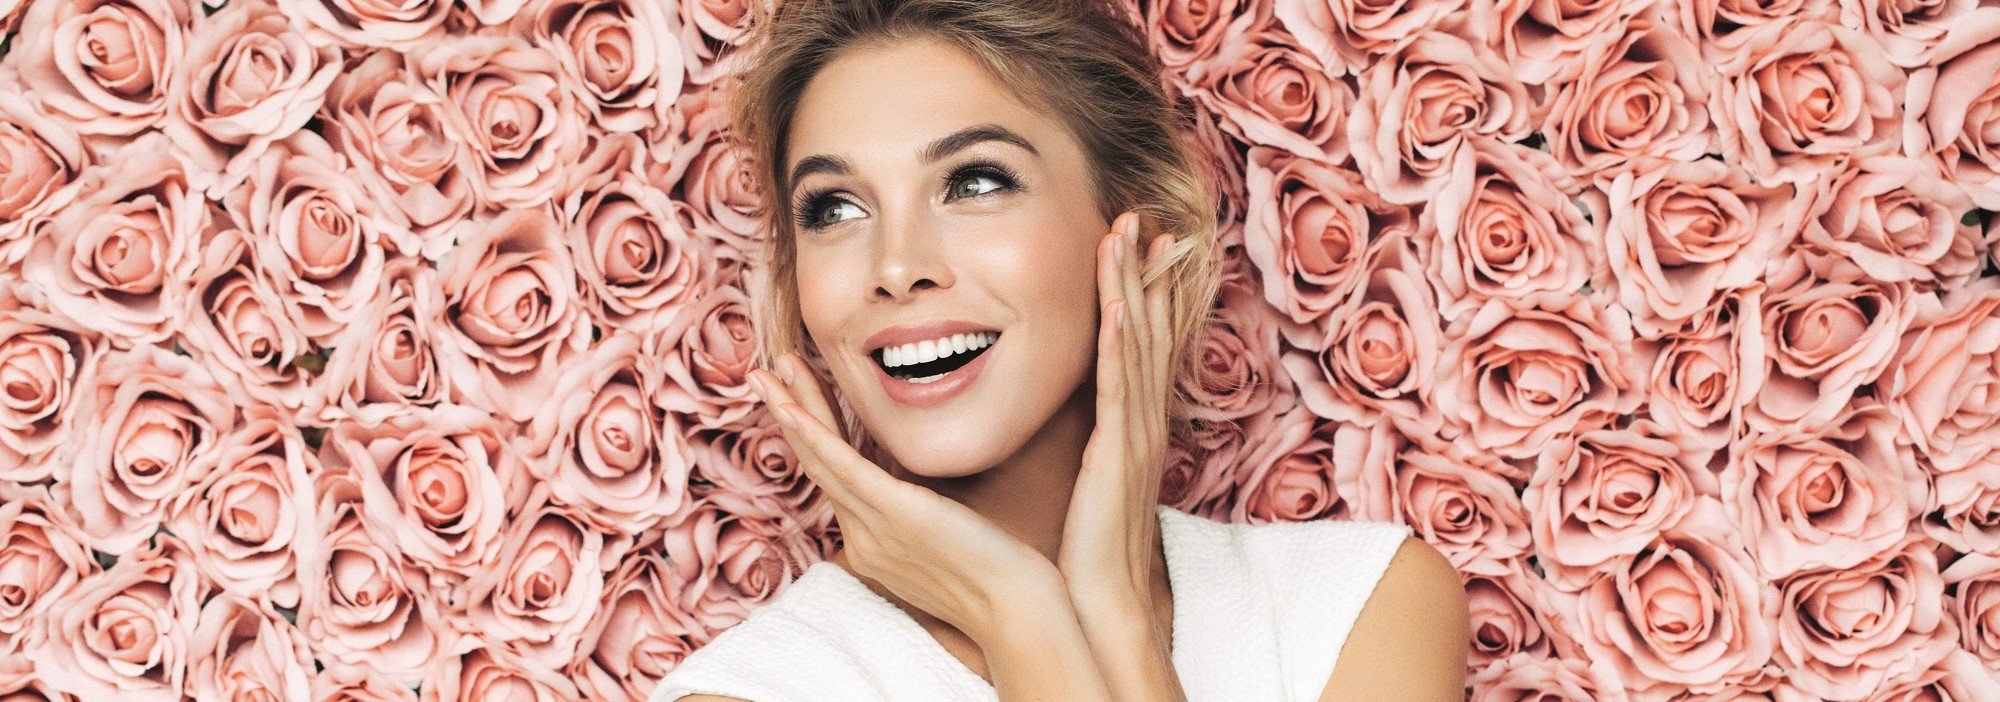 Gamme Rose Caresse Hydraflore pour peaux sensibles